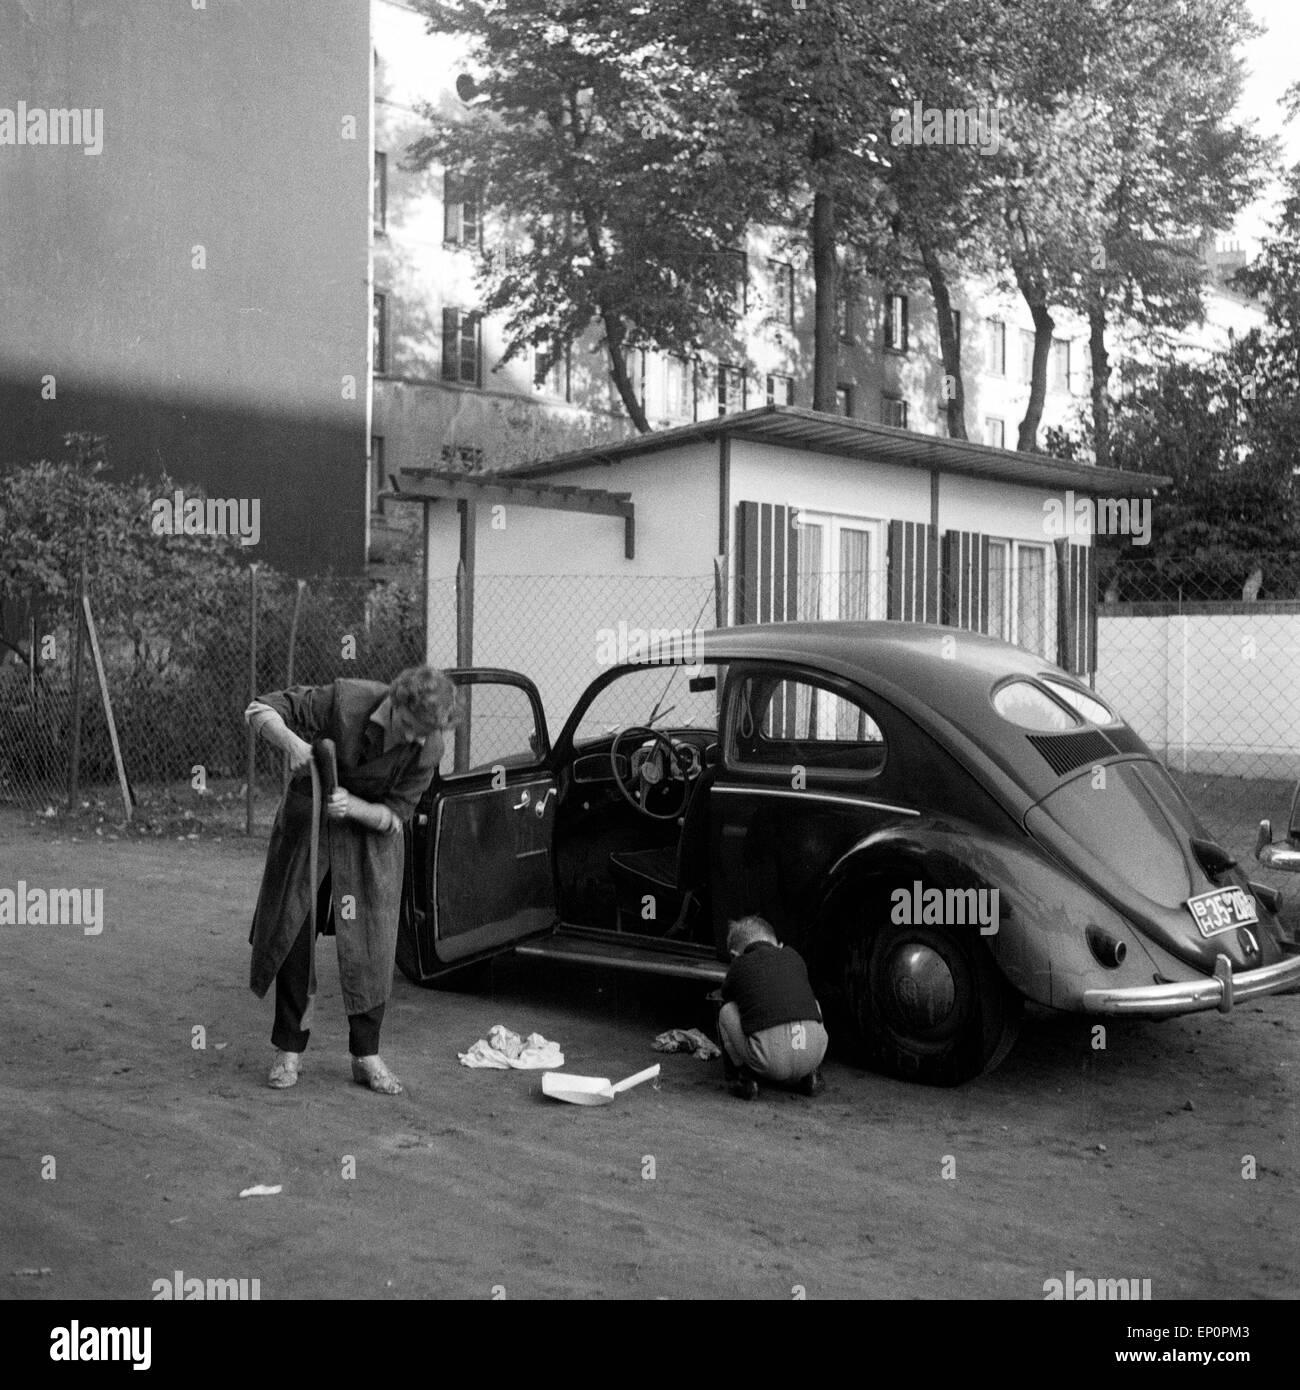 Der beliebte VW Käfer mit Brezelfenster wird von der Familie einer Wäsche unterzogen, Hamburg 1954. Popular - Stock Image